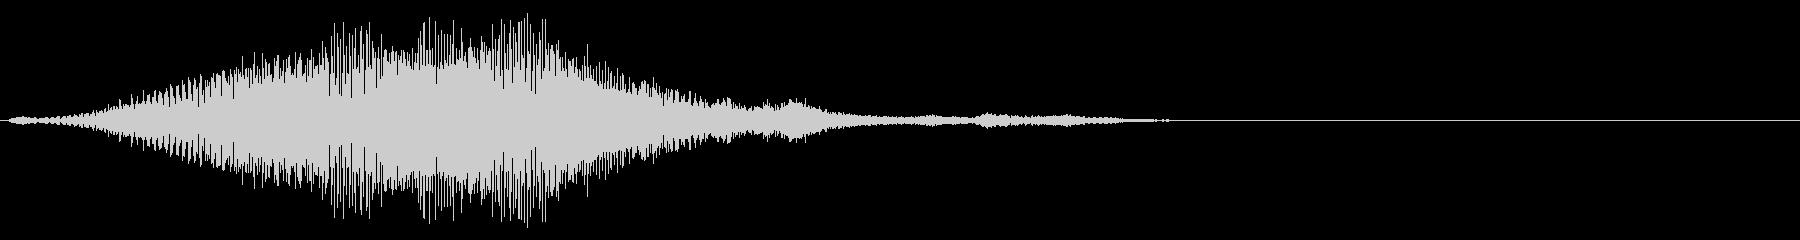 グワァーン…暗い起動音風ジングルの未再生の波形